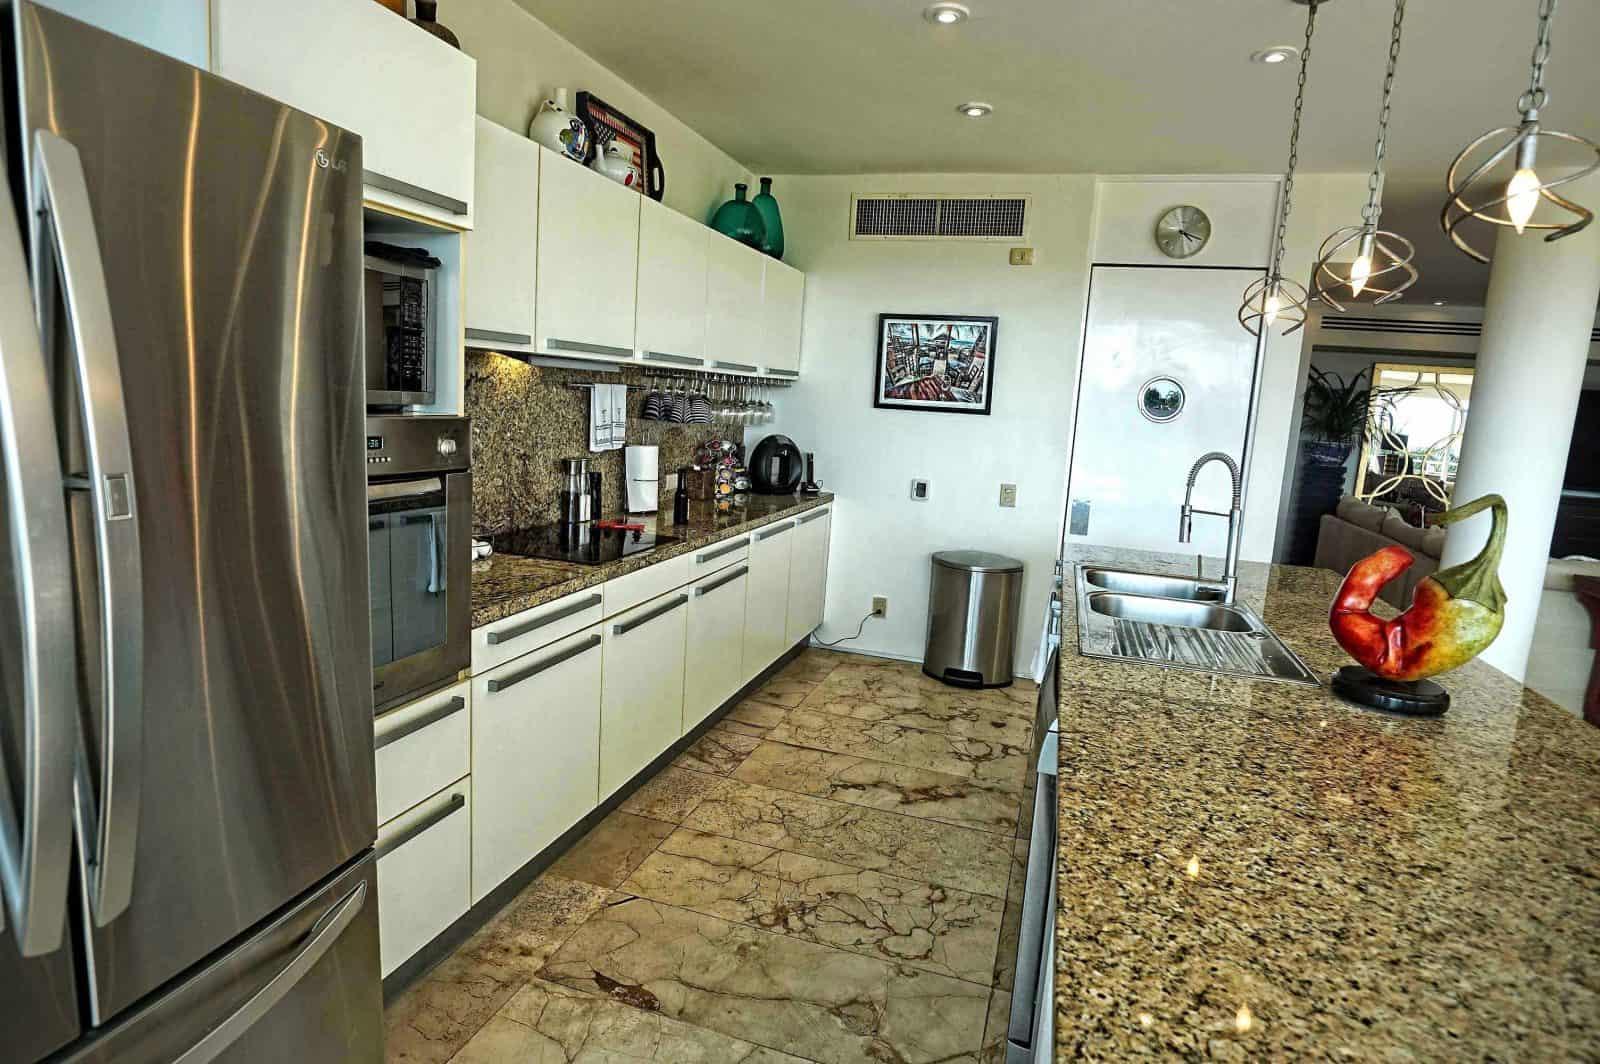 Magia penthouse kitchen